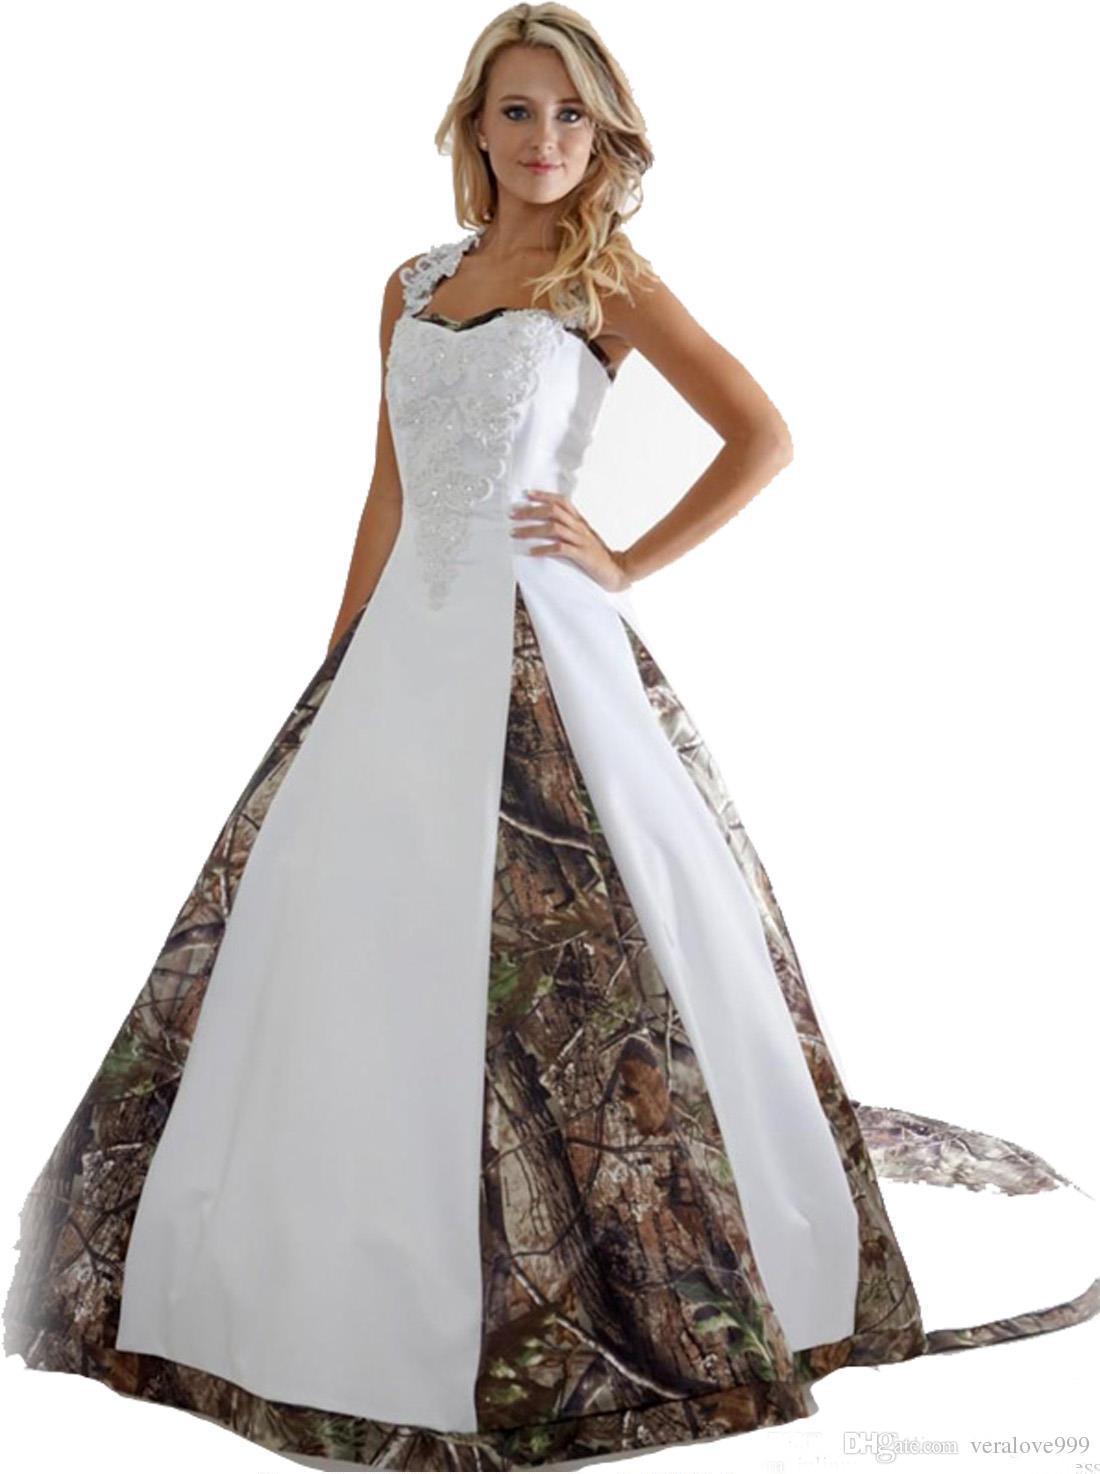 Nuevos vestidos de novia de camuflaje con apliques Vestido de fiesta Camuflaje largo Vestido de fiesta de bodas Más vestidos de novia de talla grande